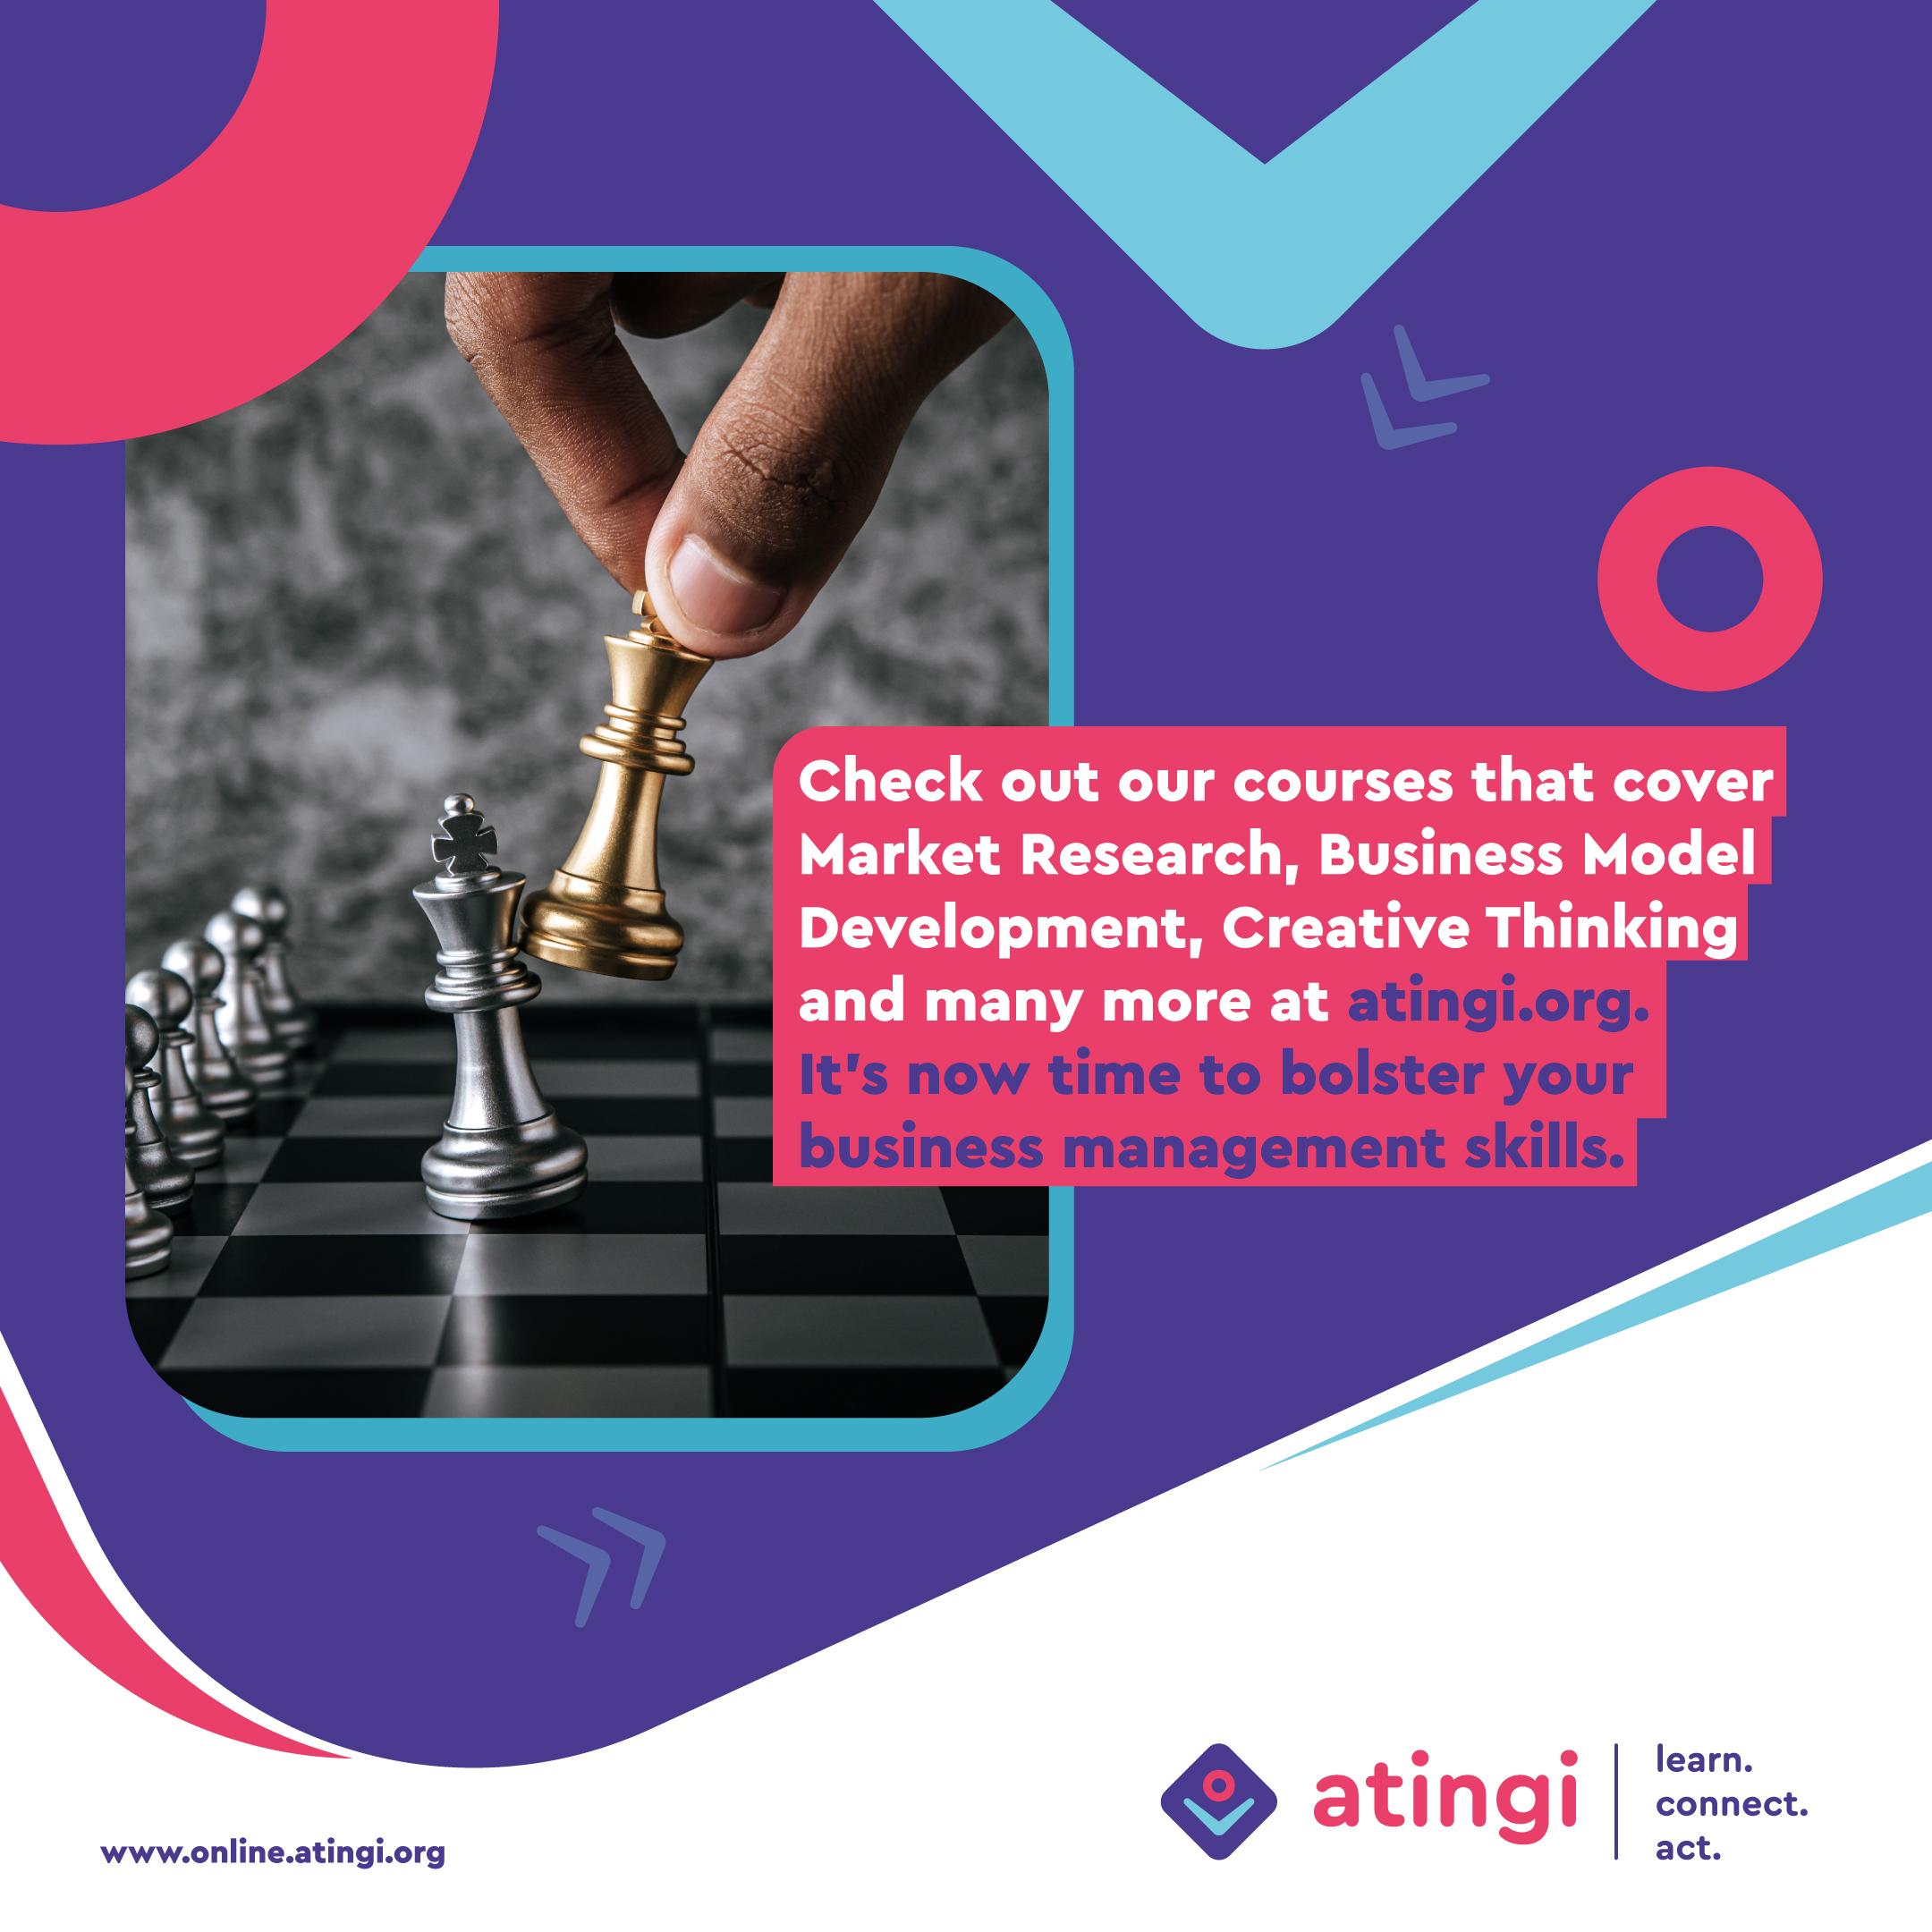 Promoting the e-learning platform atingi in Rwanda